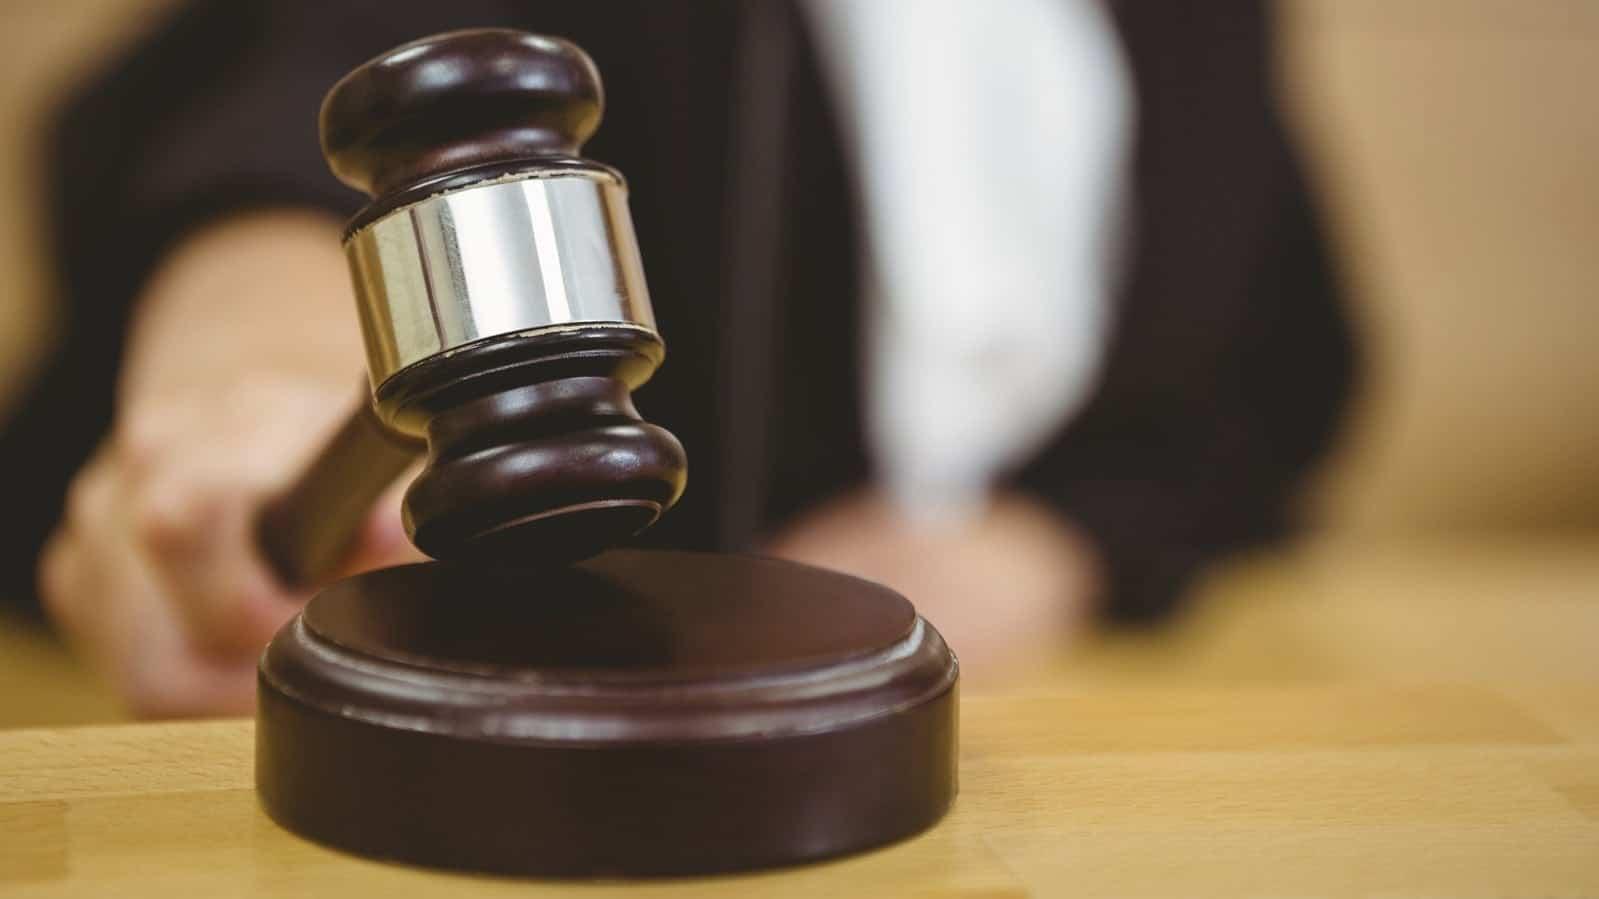 J&J to Pay $70 Million in Landmark Risperdal Verdict   Goldwater Law Firm